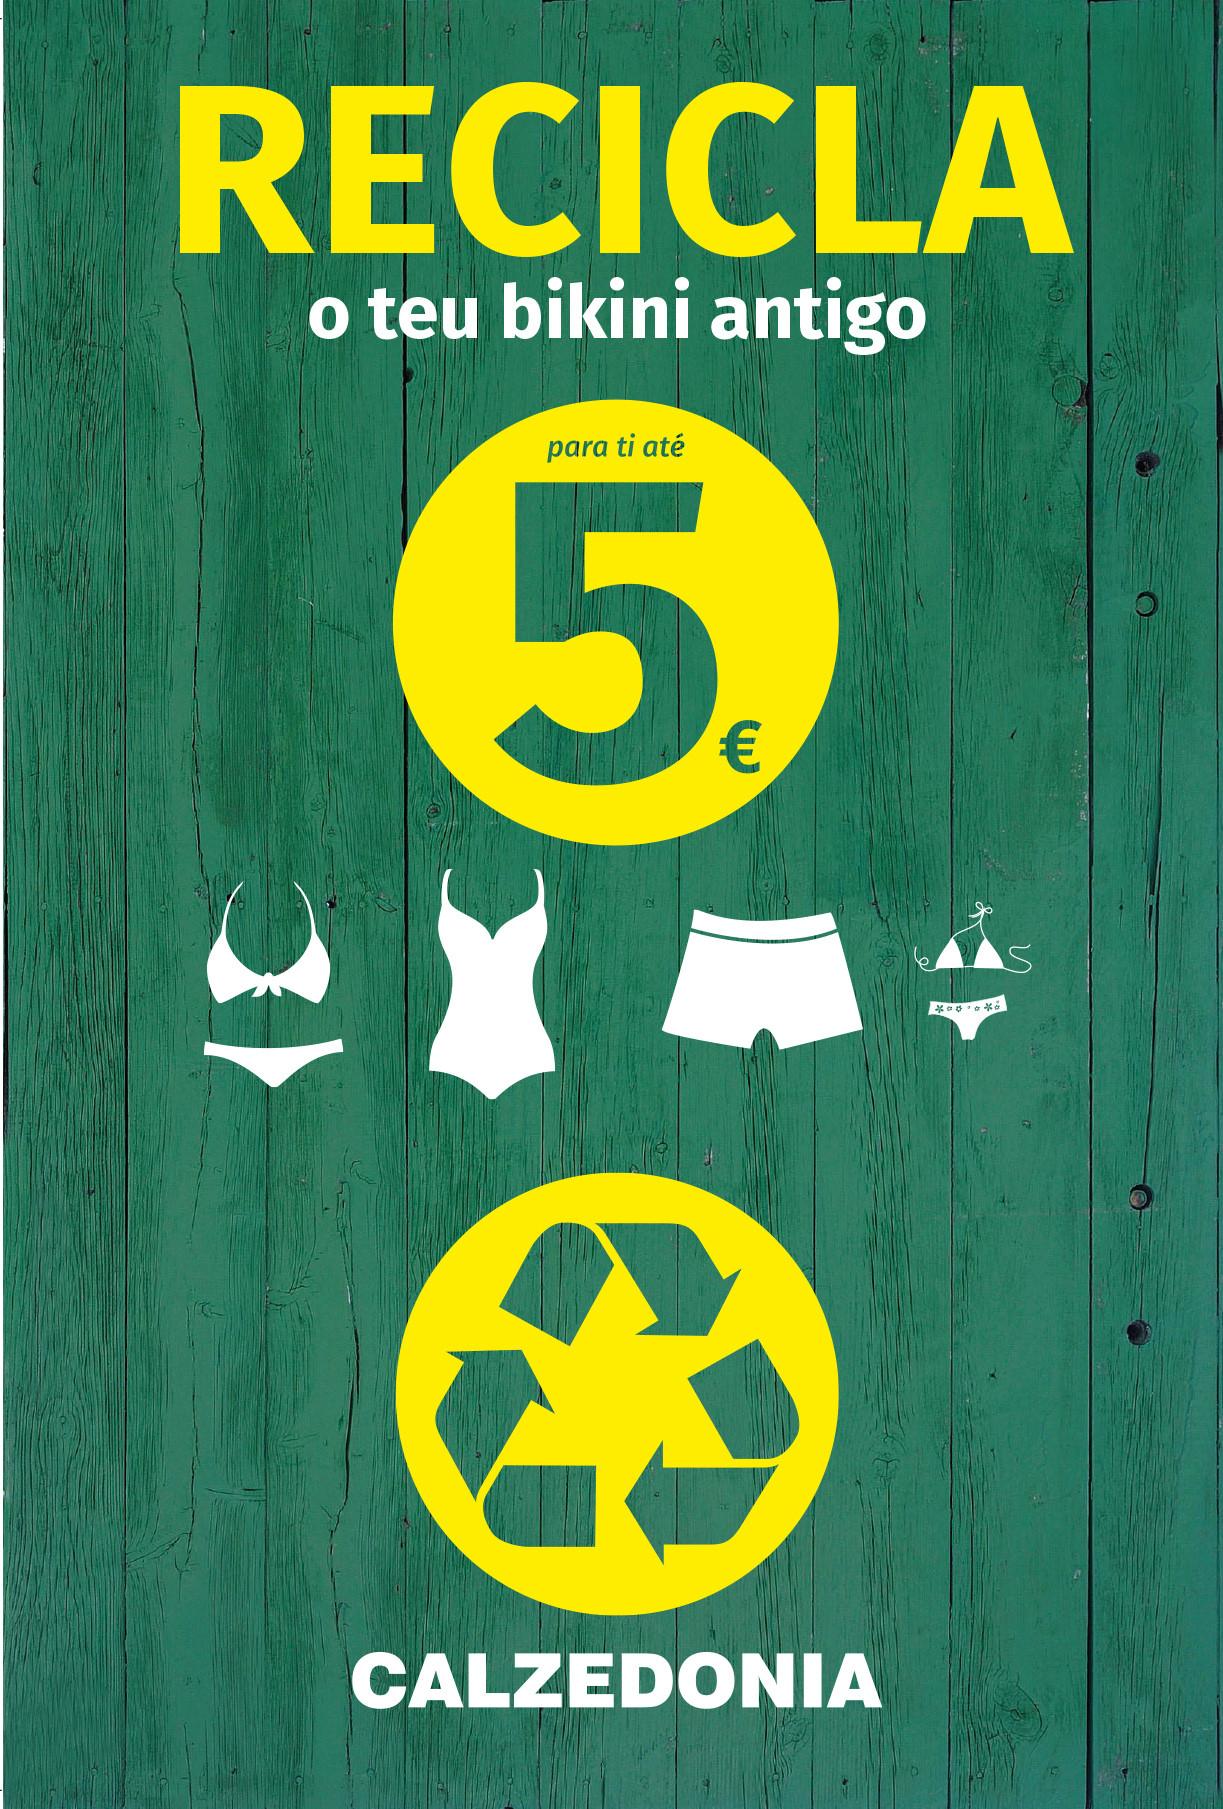 reciclagem_pt.jpg